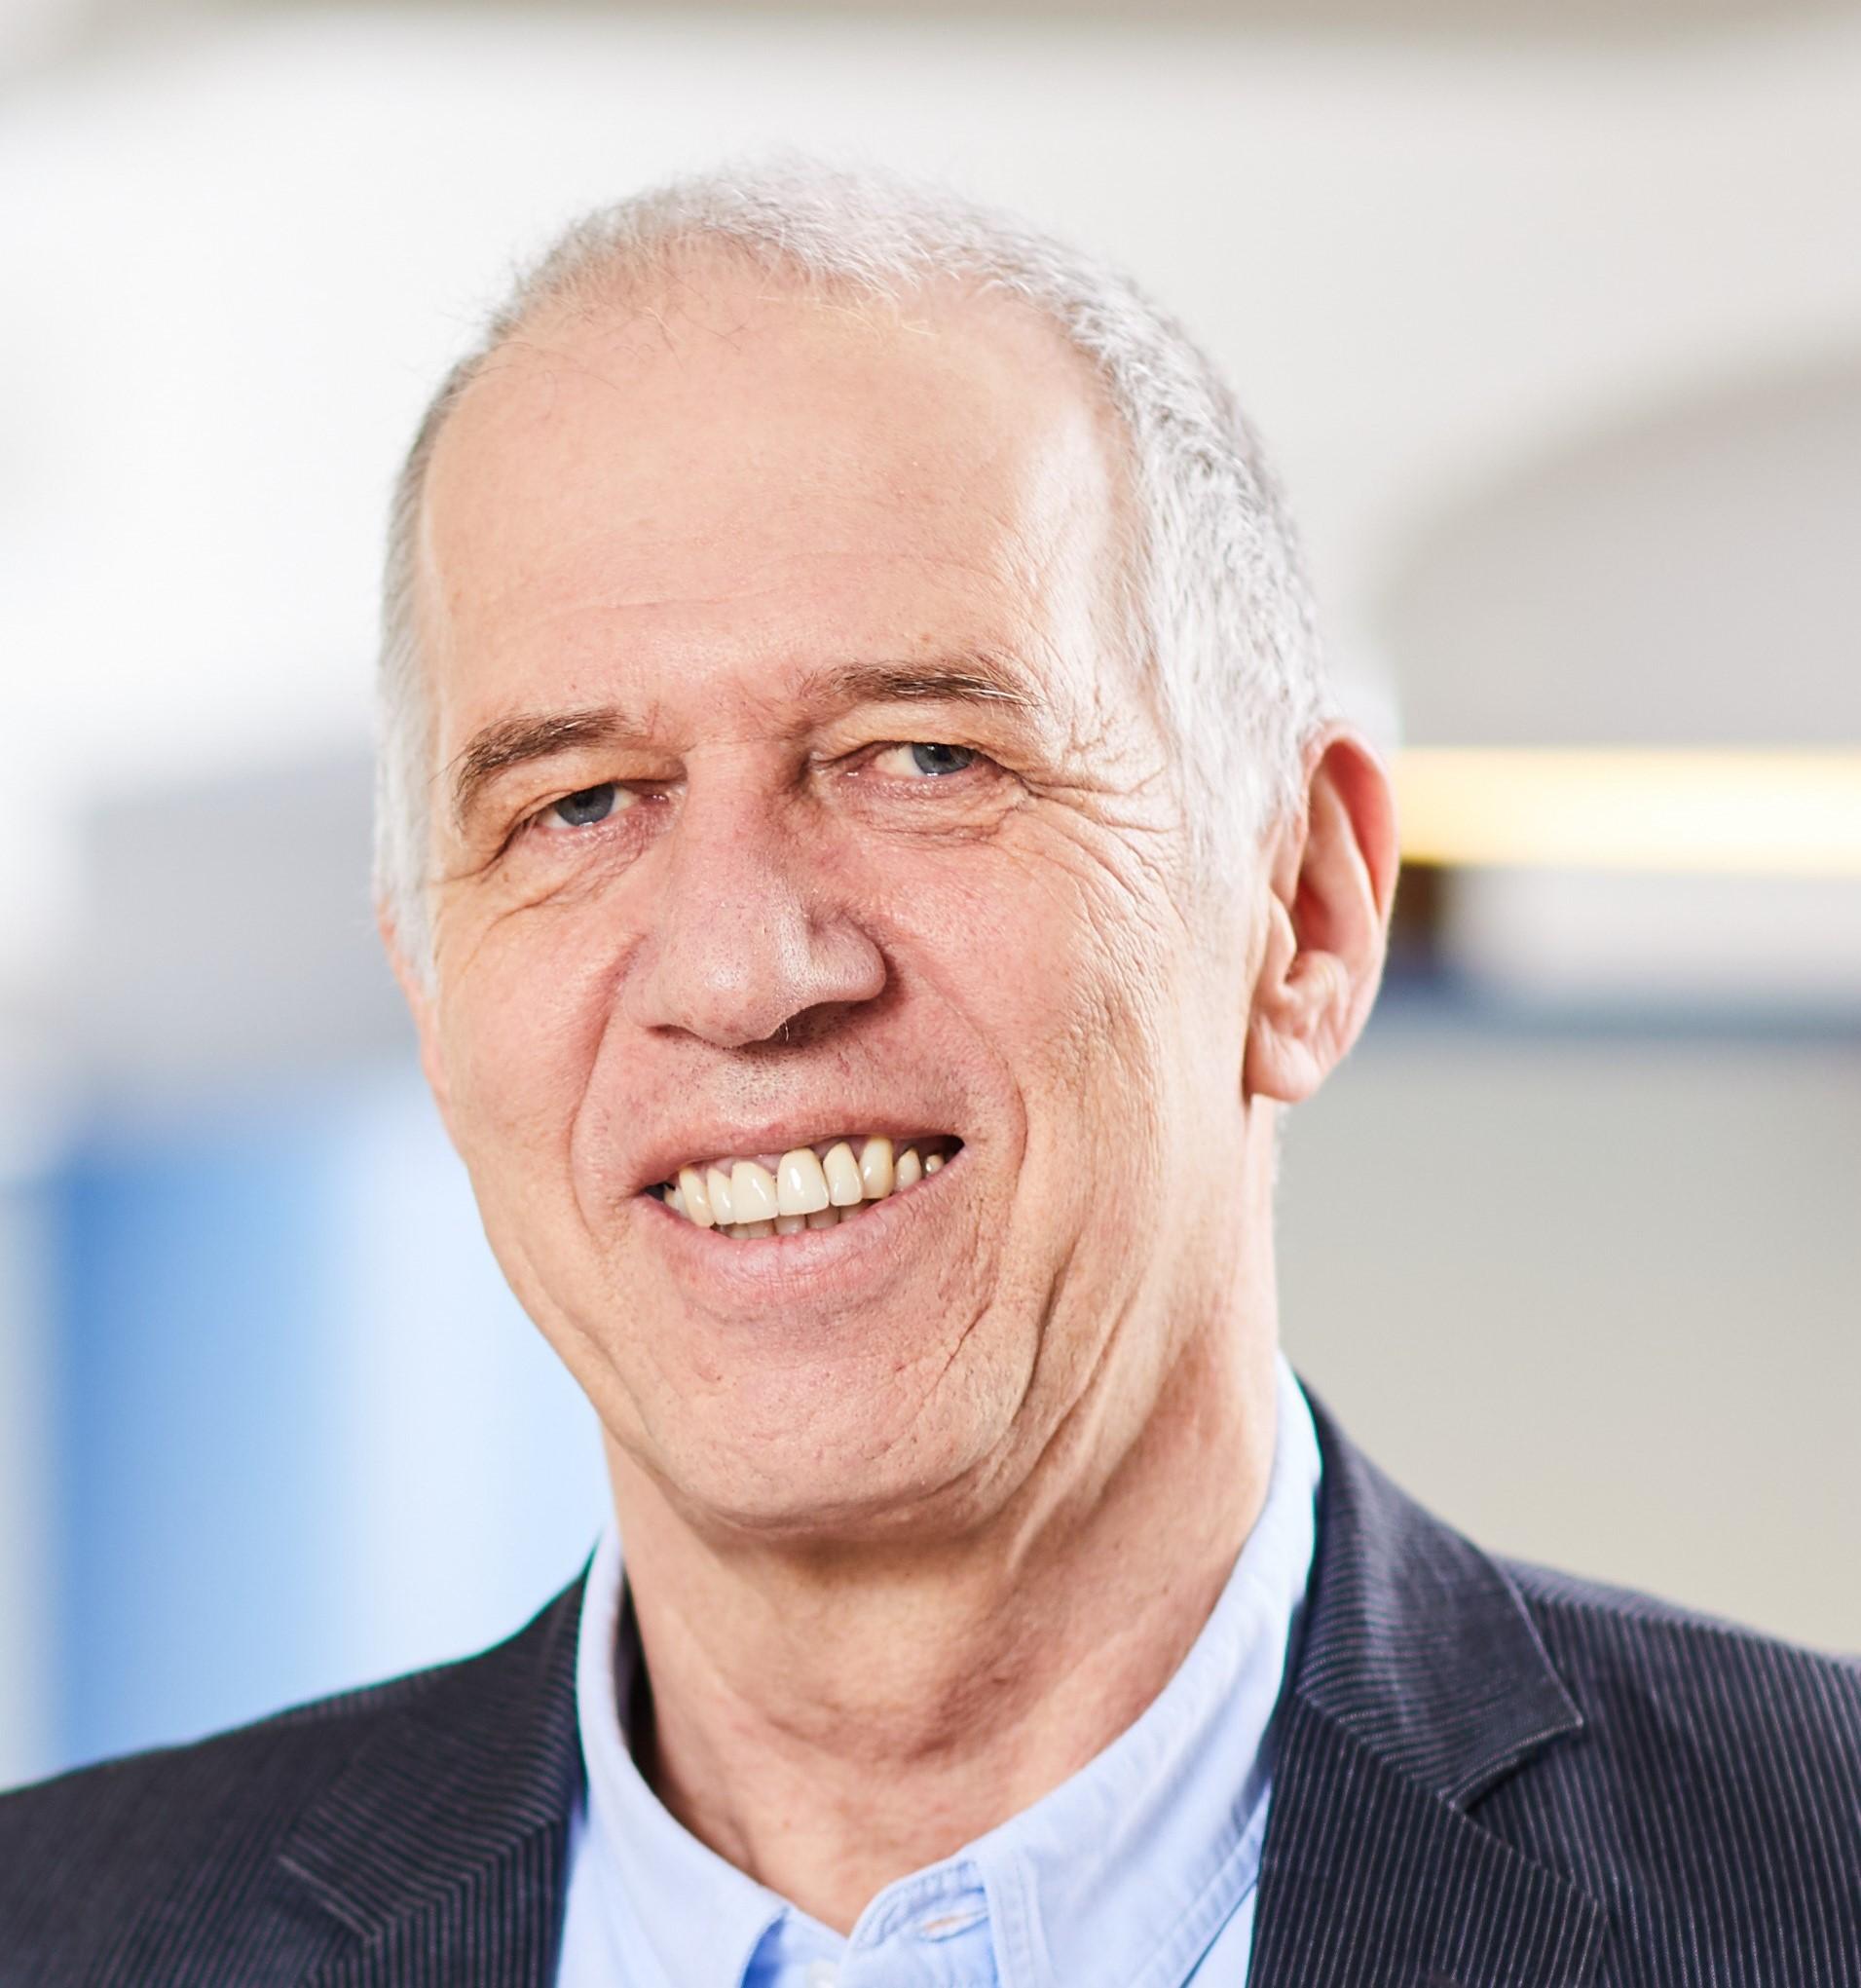 Prof. Dr. phil. Jens Jürgen Clausen